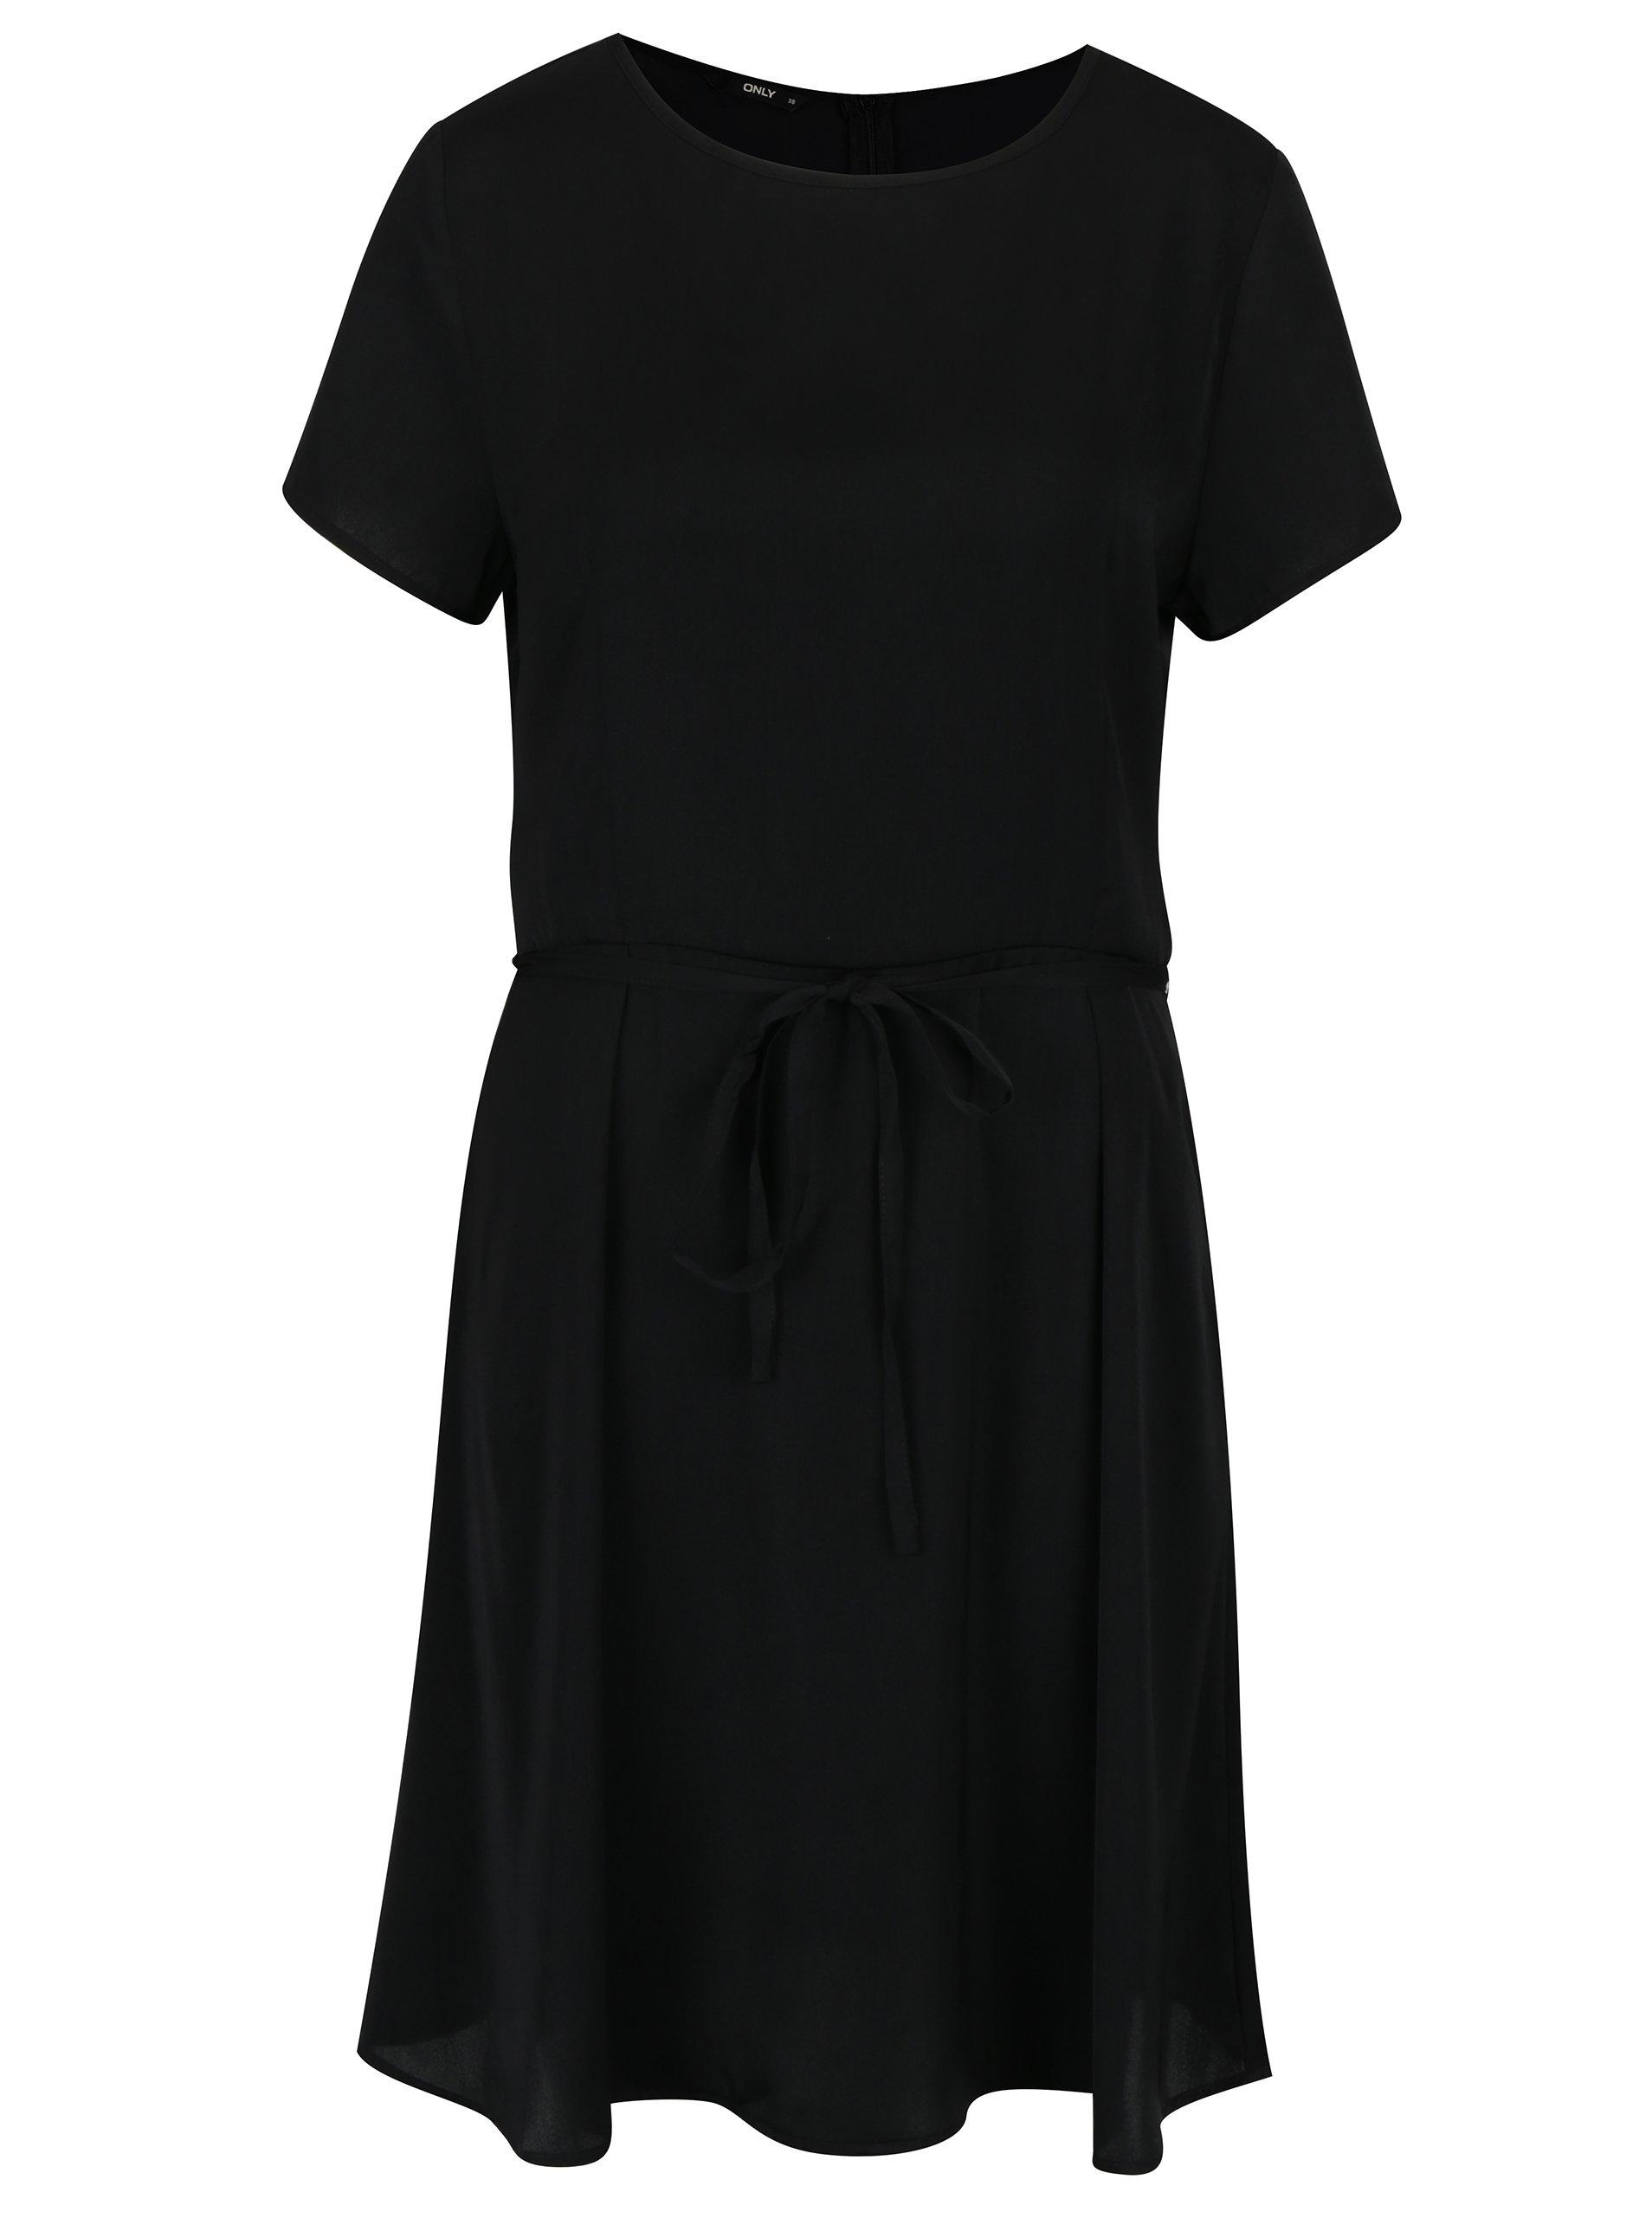 Černé šaty s krátkým rukávem ONLY Riga